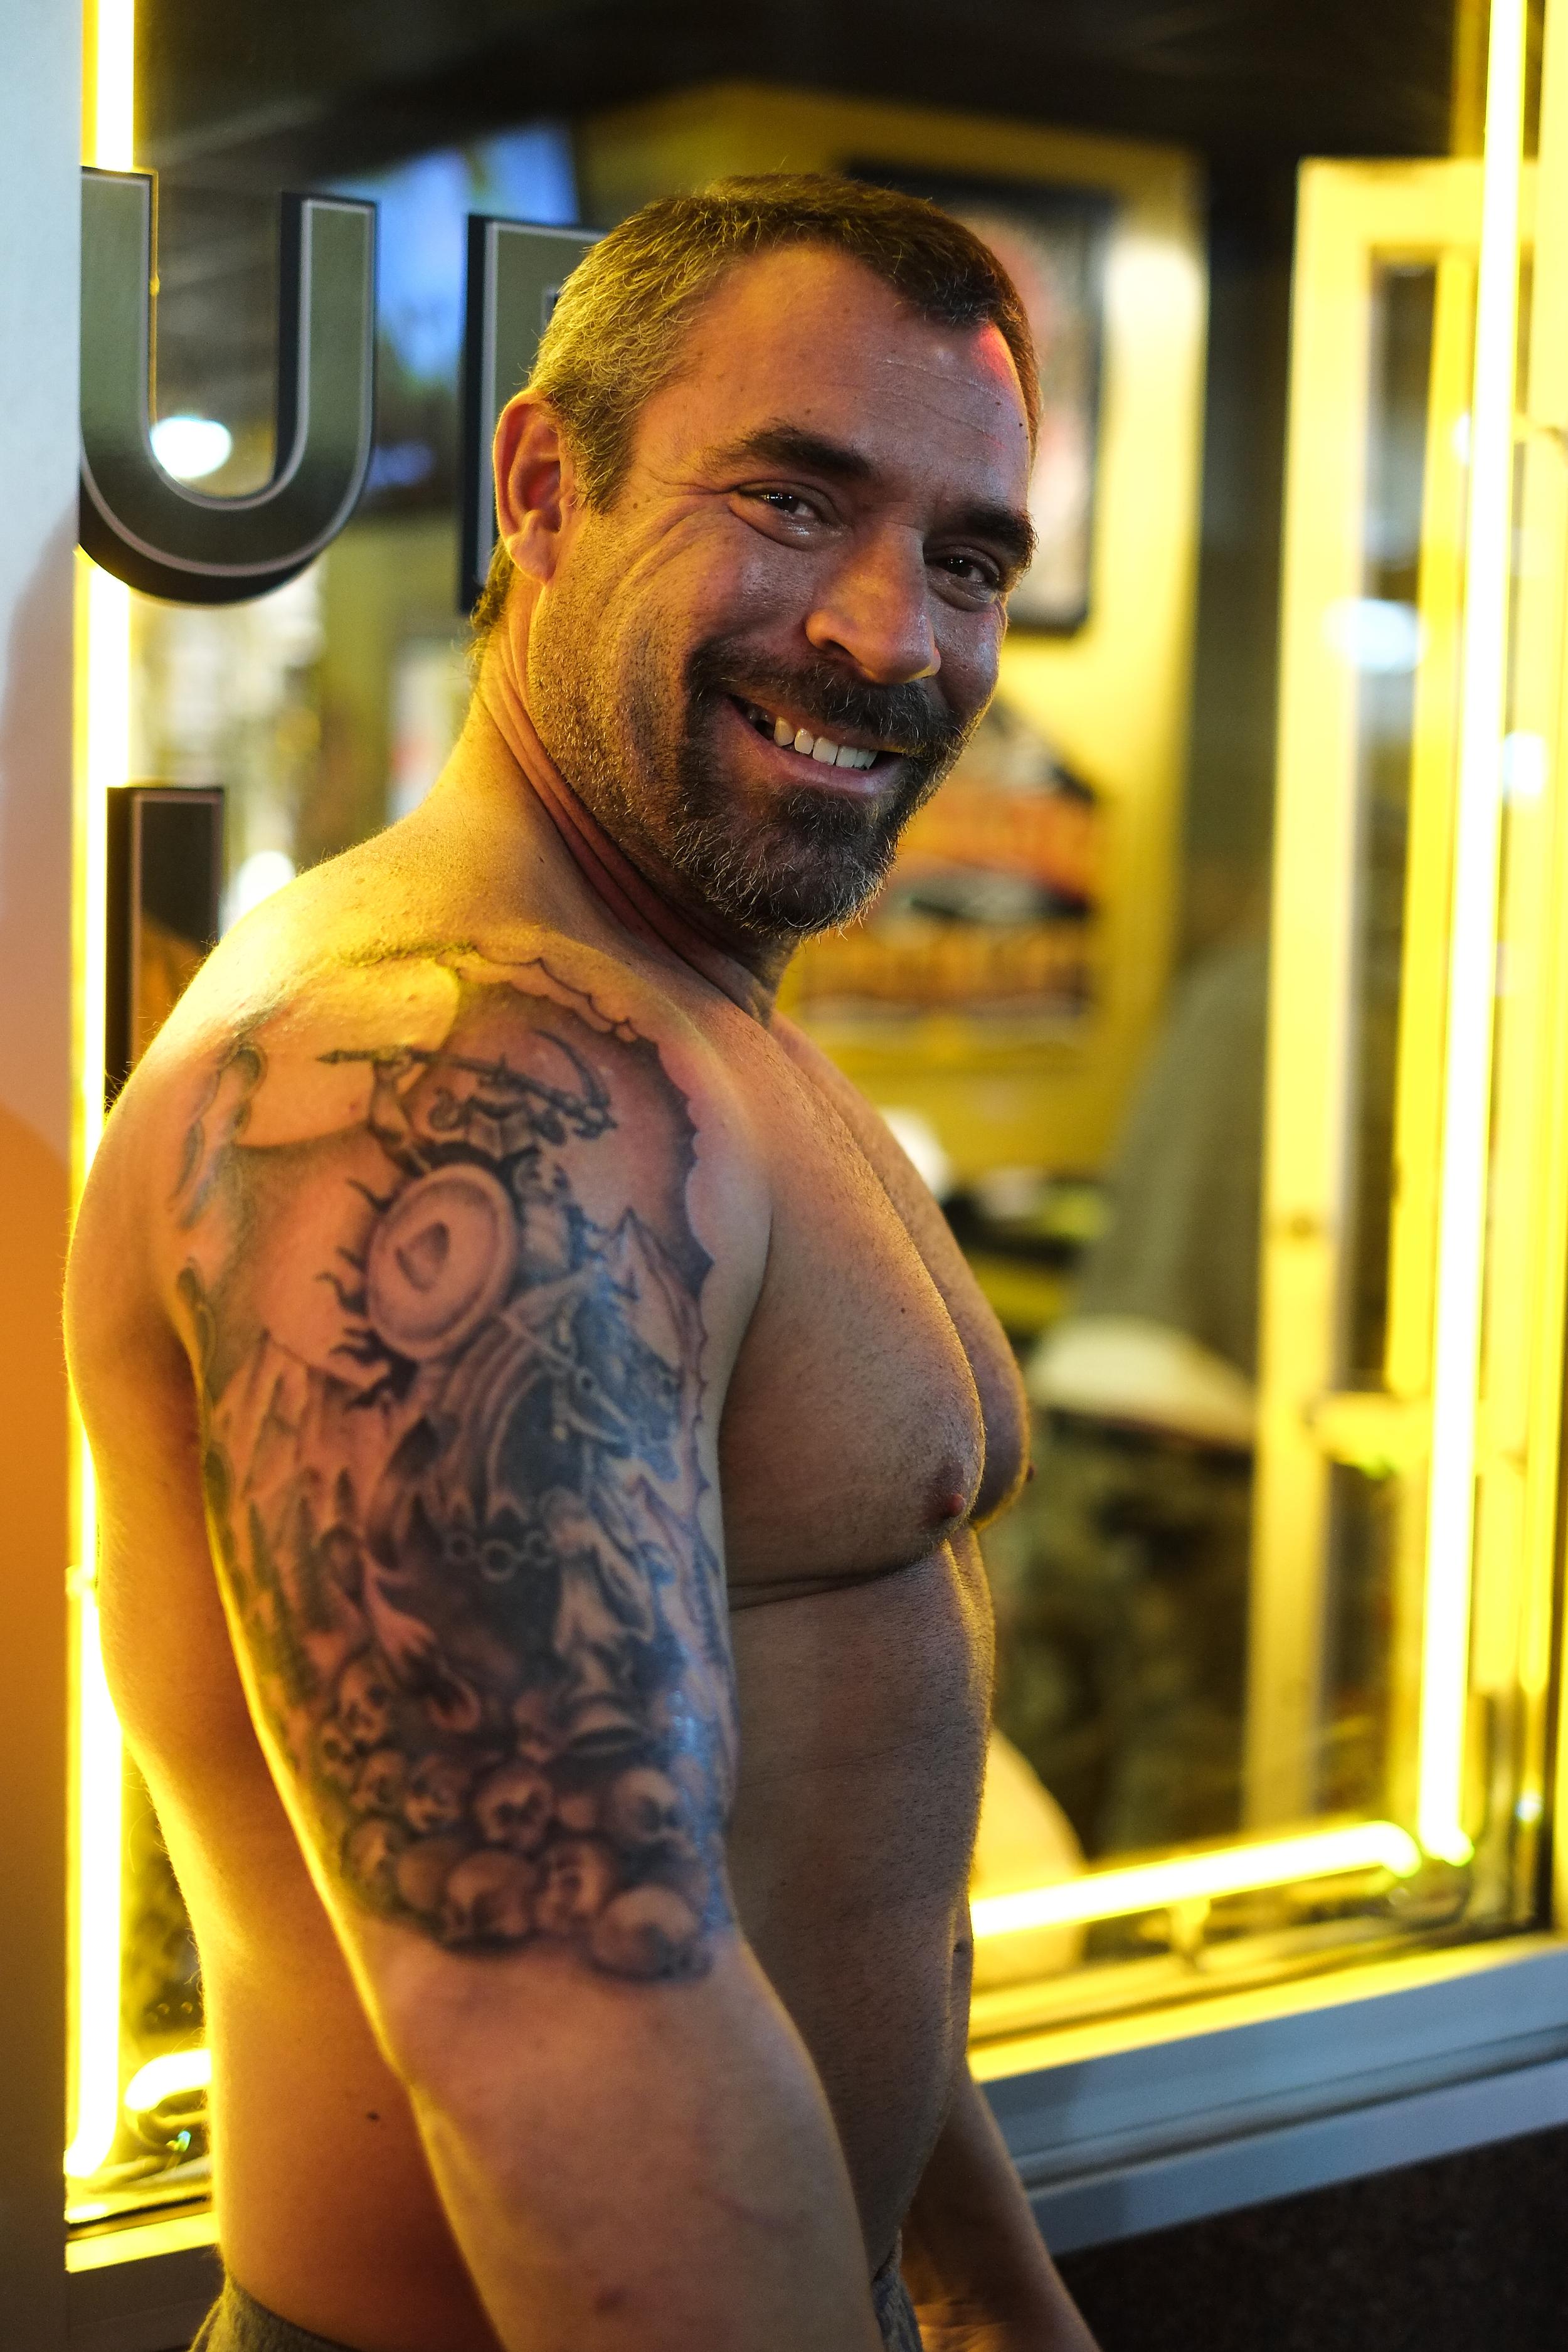 Tattoo man (1 of 1).jpg